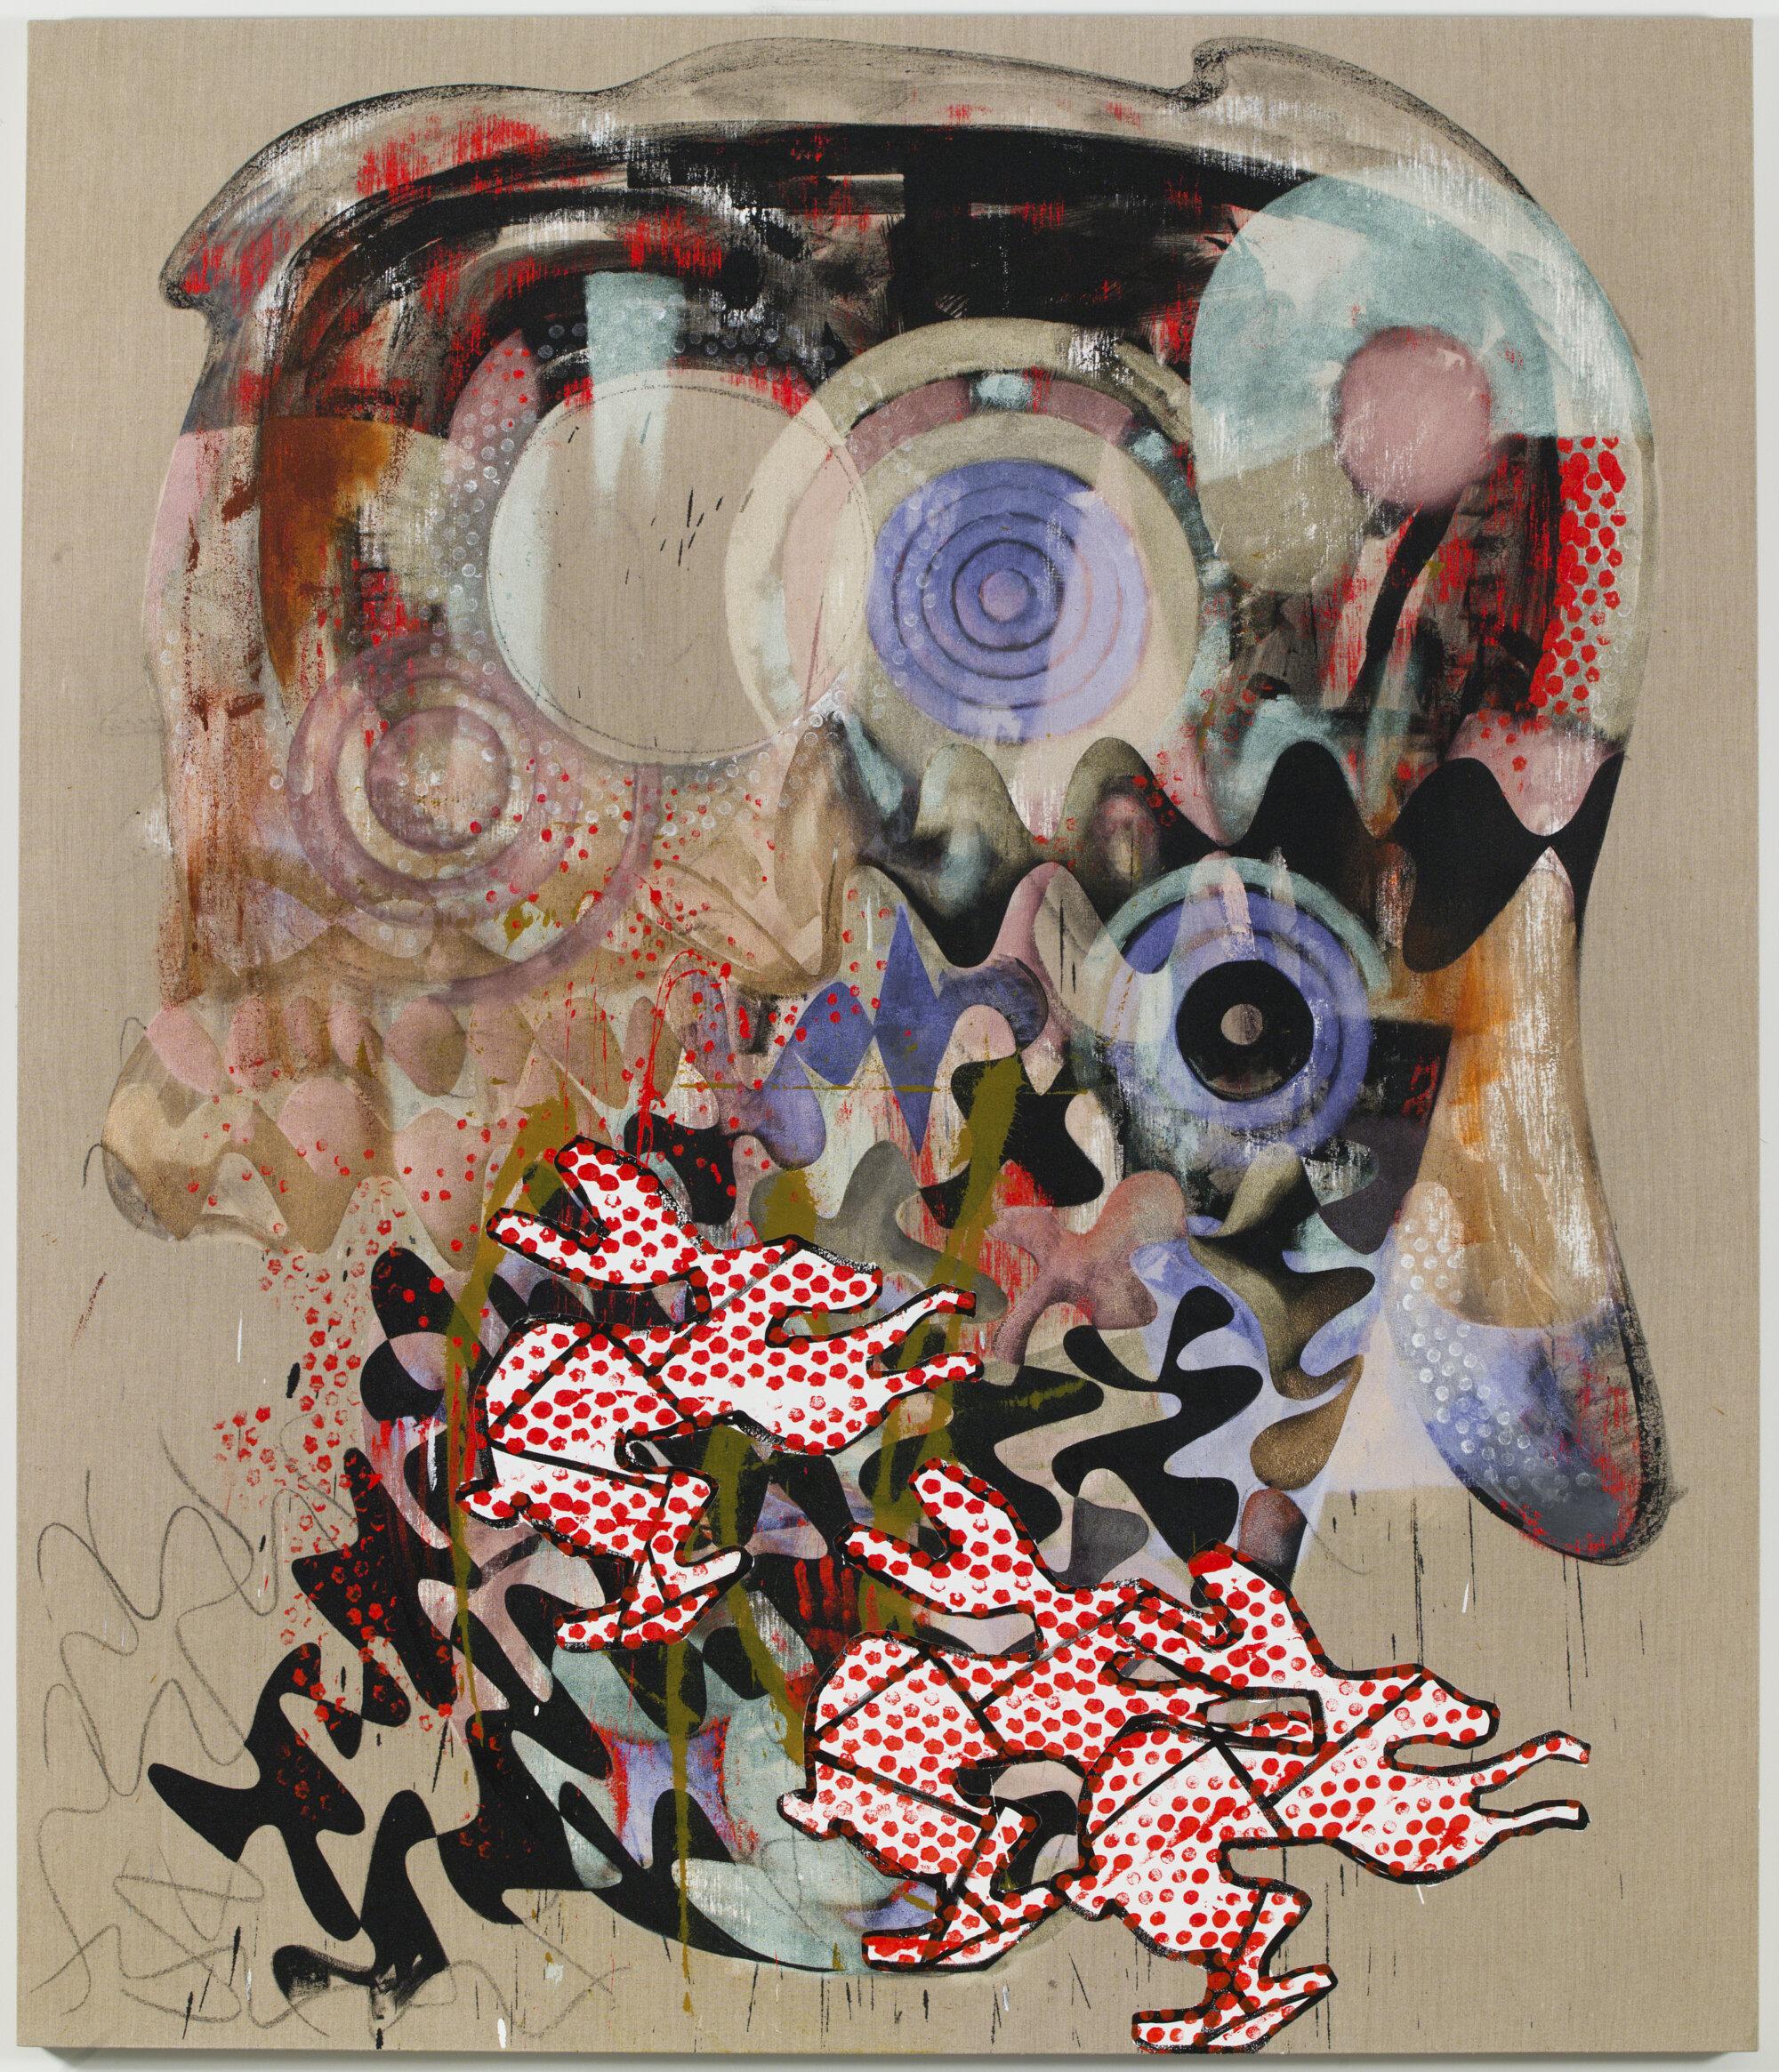 Charline-Von-Hely-Collection-Issue 1.jpg